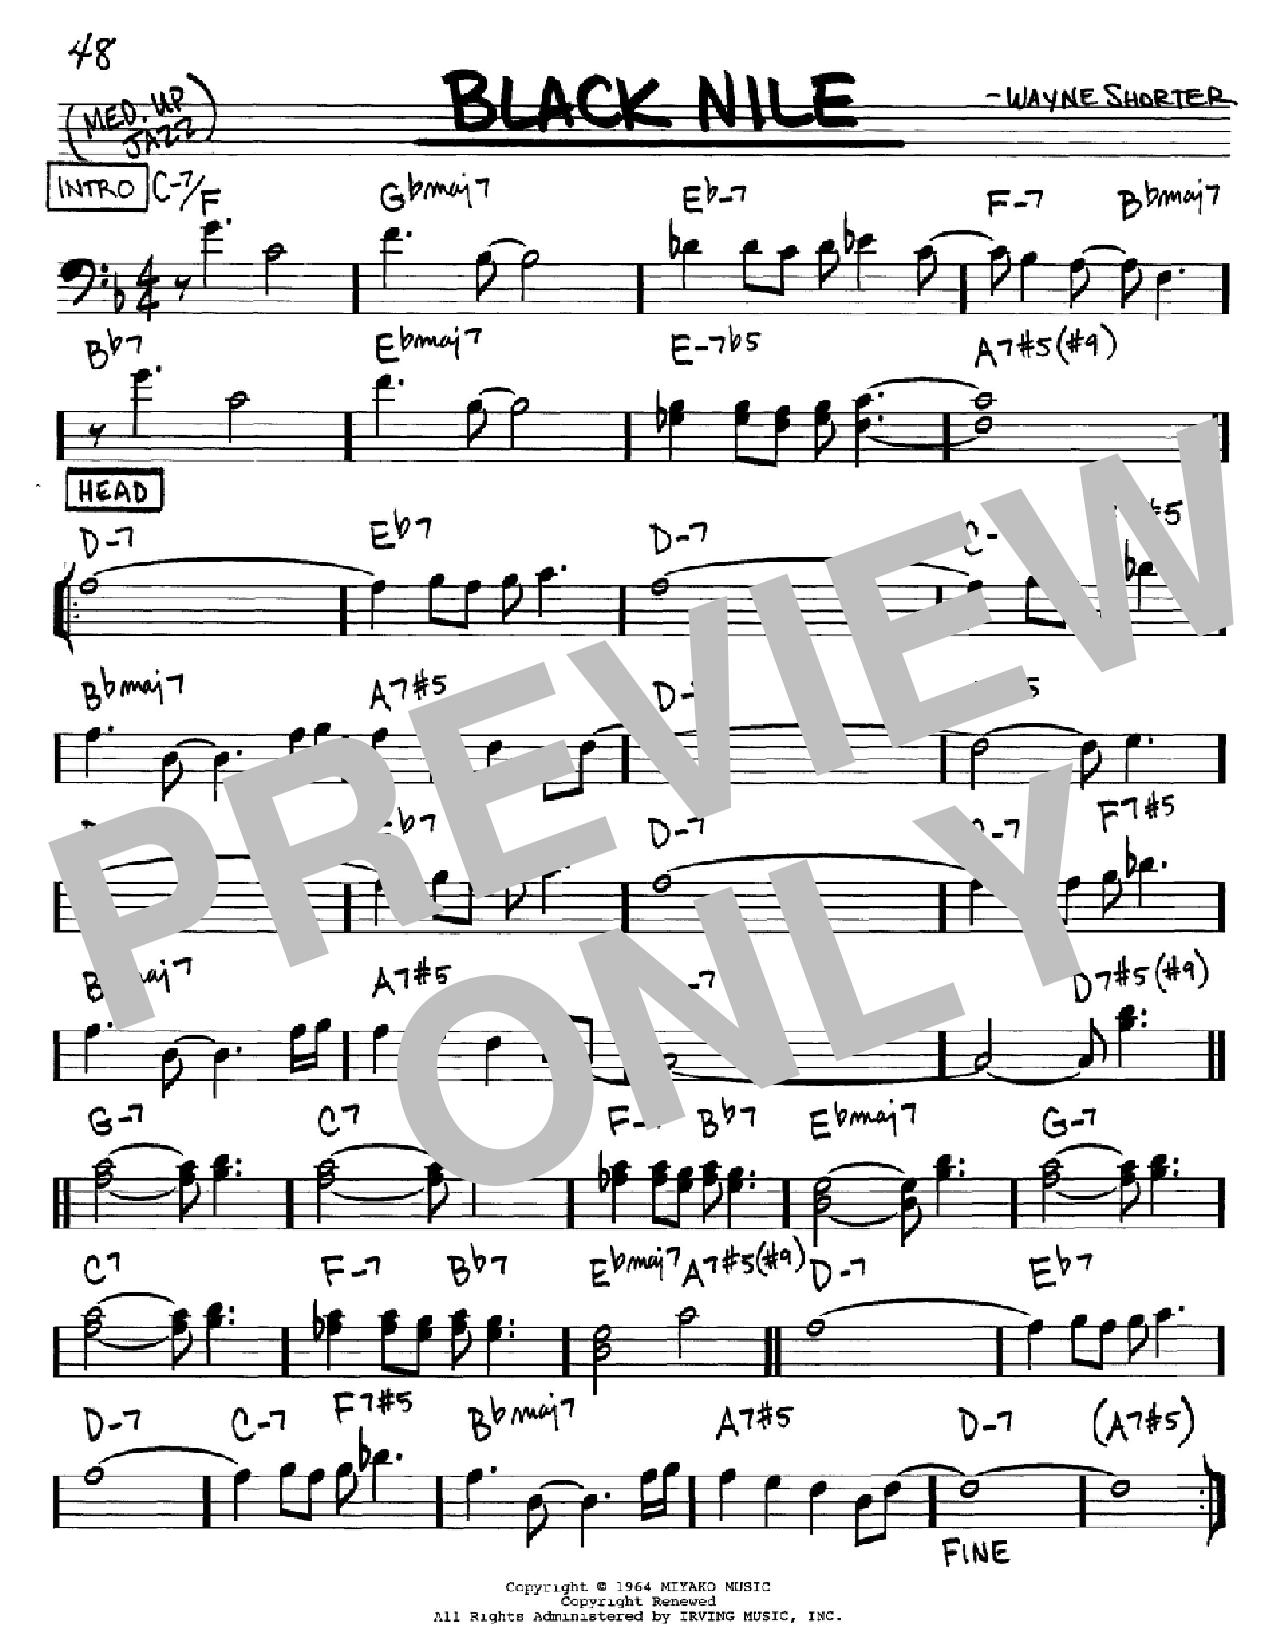 Partition autre Black Nile de Wayne Shorter - Real Book, Melodie et Accords, Inst. En cle de Fa